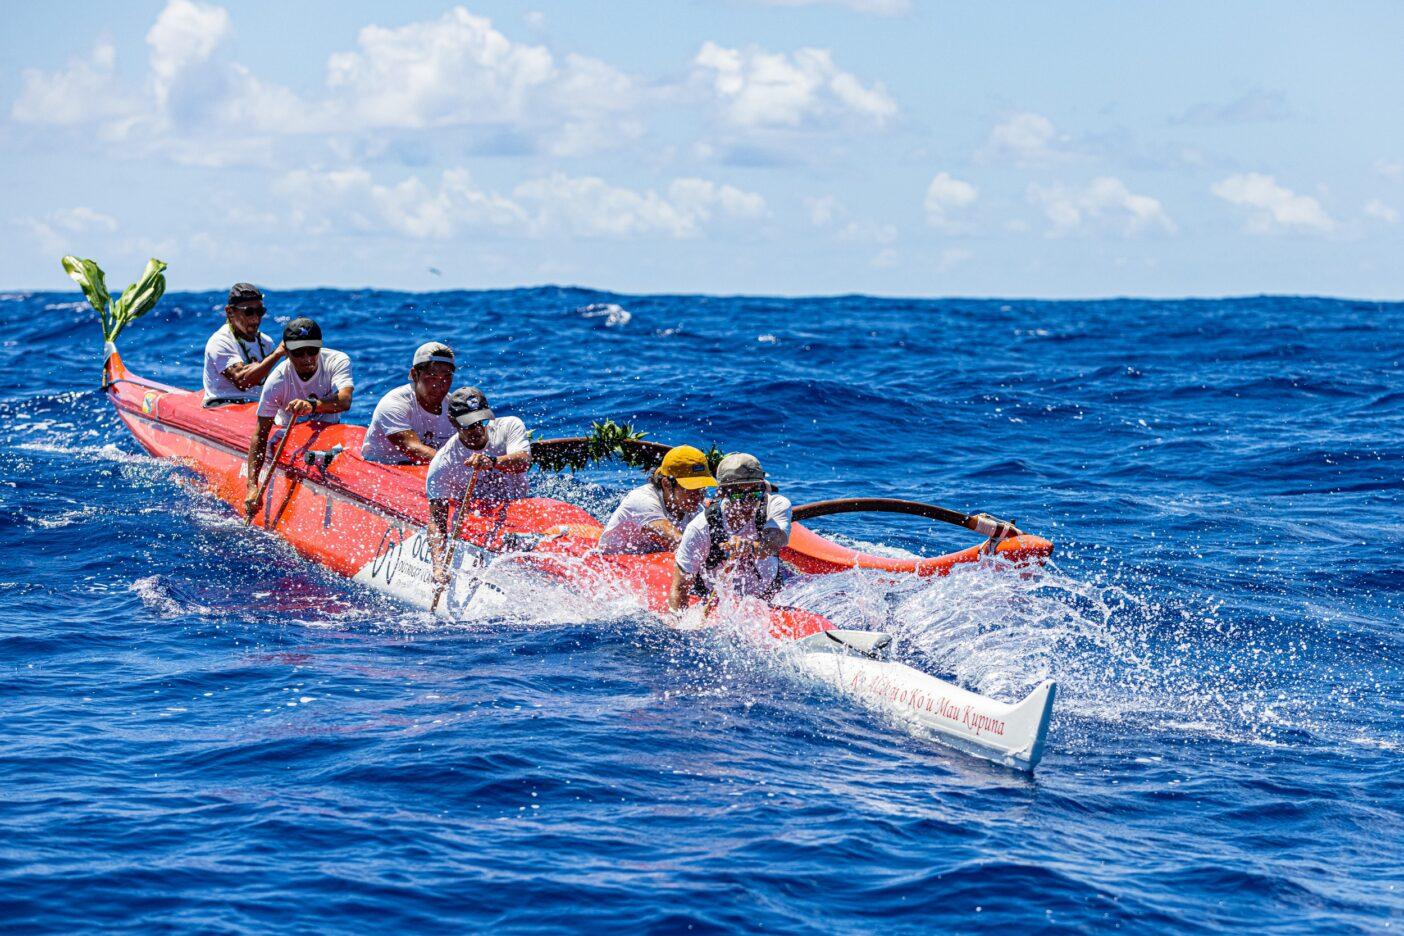 黒潮と向かい風がぶつかる荒れた外洋。うねりを越え、アウトリガーカヌーを漕ぎすすめる。Photo:Sayoko Suzuki